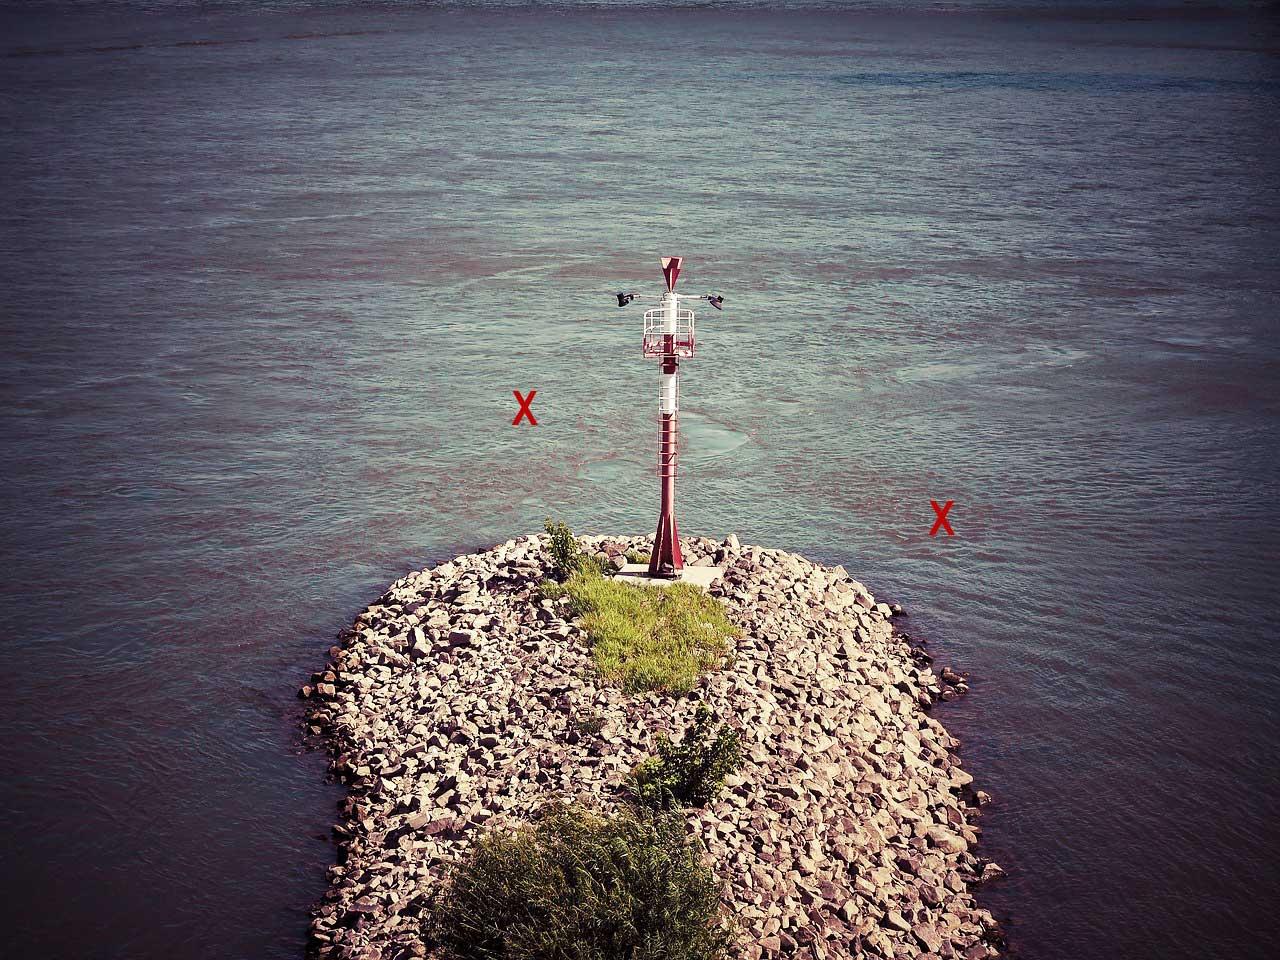 Rhein Buhne Rapfen angeln